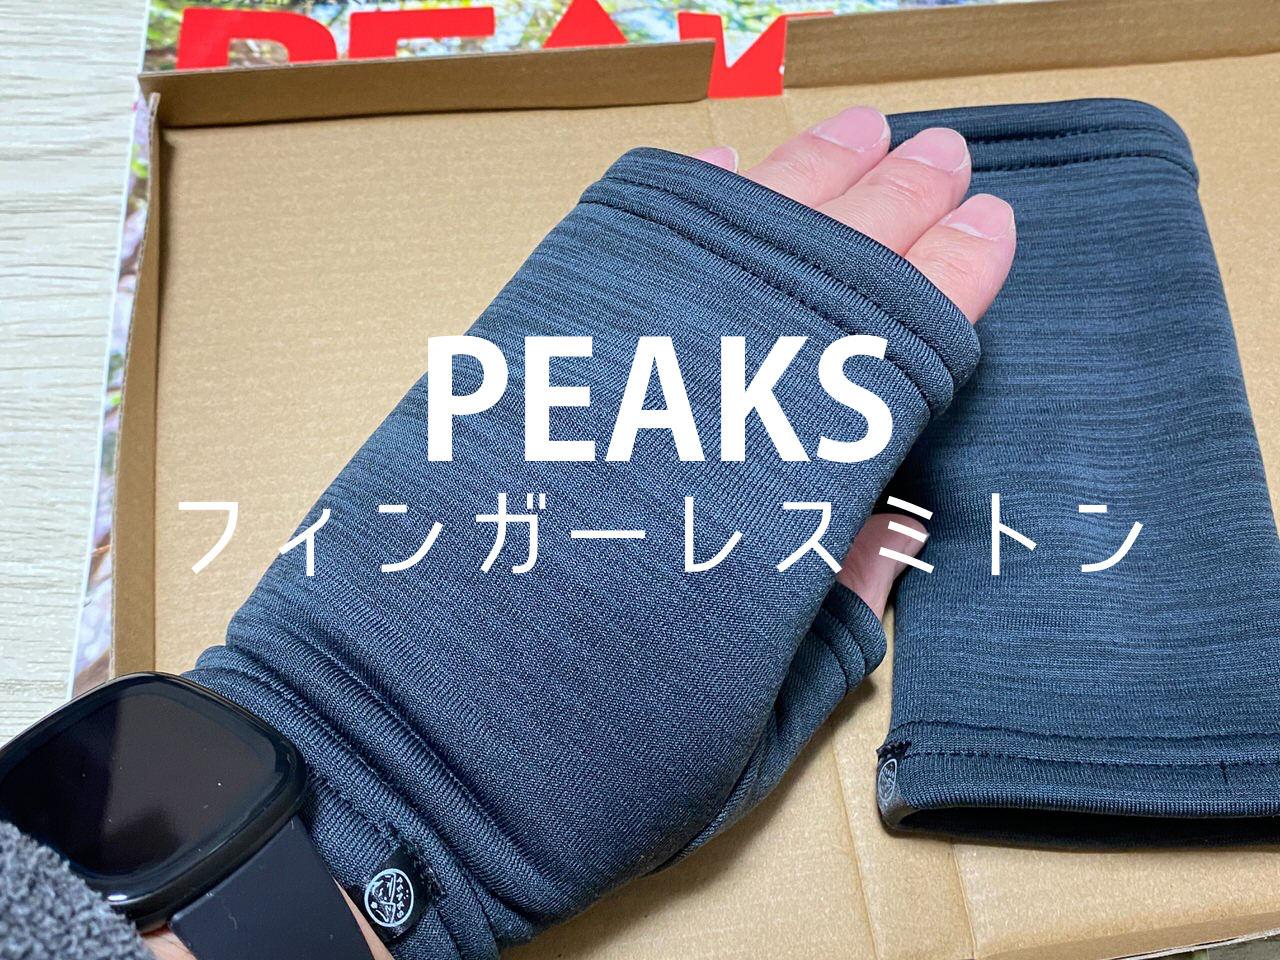 【付録】「PEAKS 2021年2月号」まだまだ続く寒い日にストレッチ素材で使いやすいフィンガーレスミトン【改】 #提供